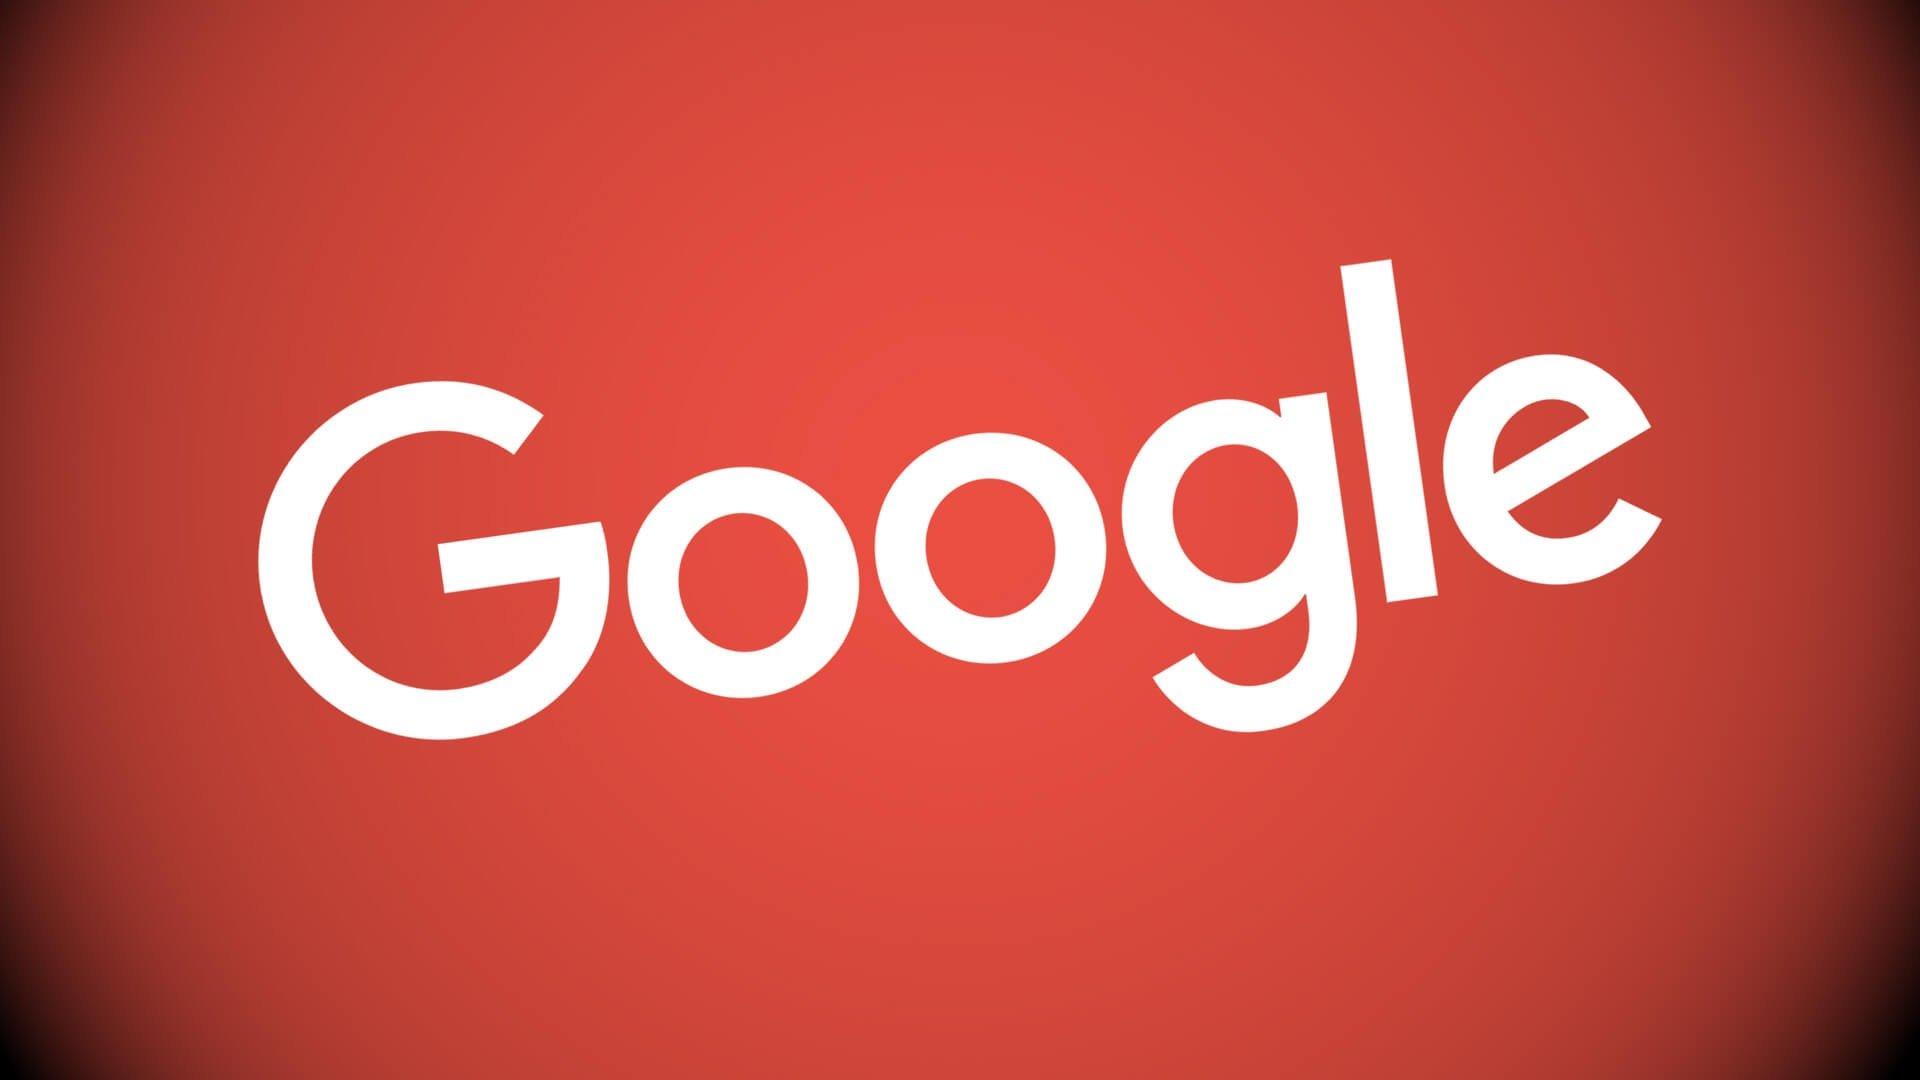 Google logo sobre fundo vermelho